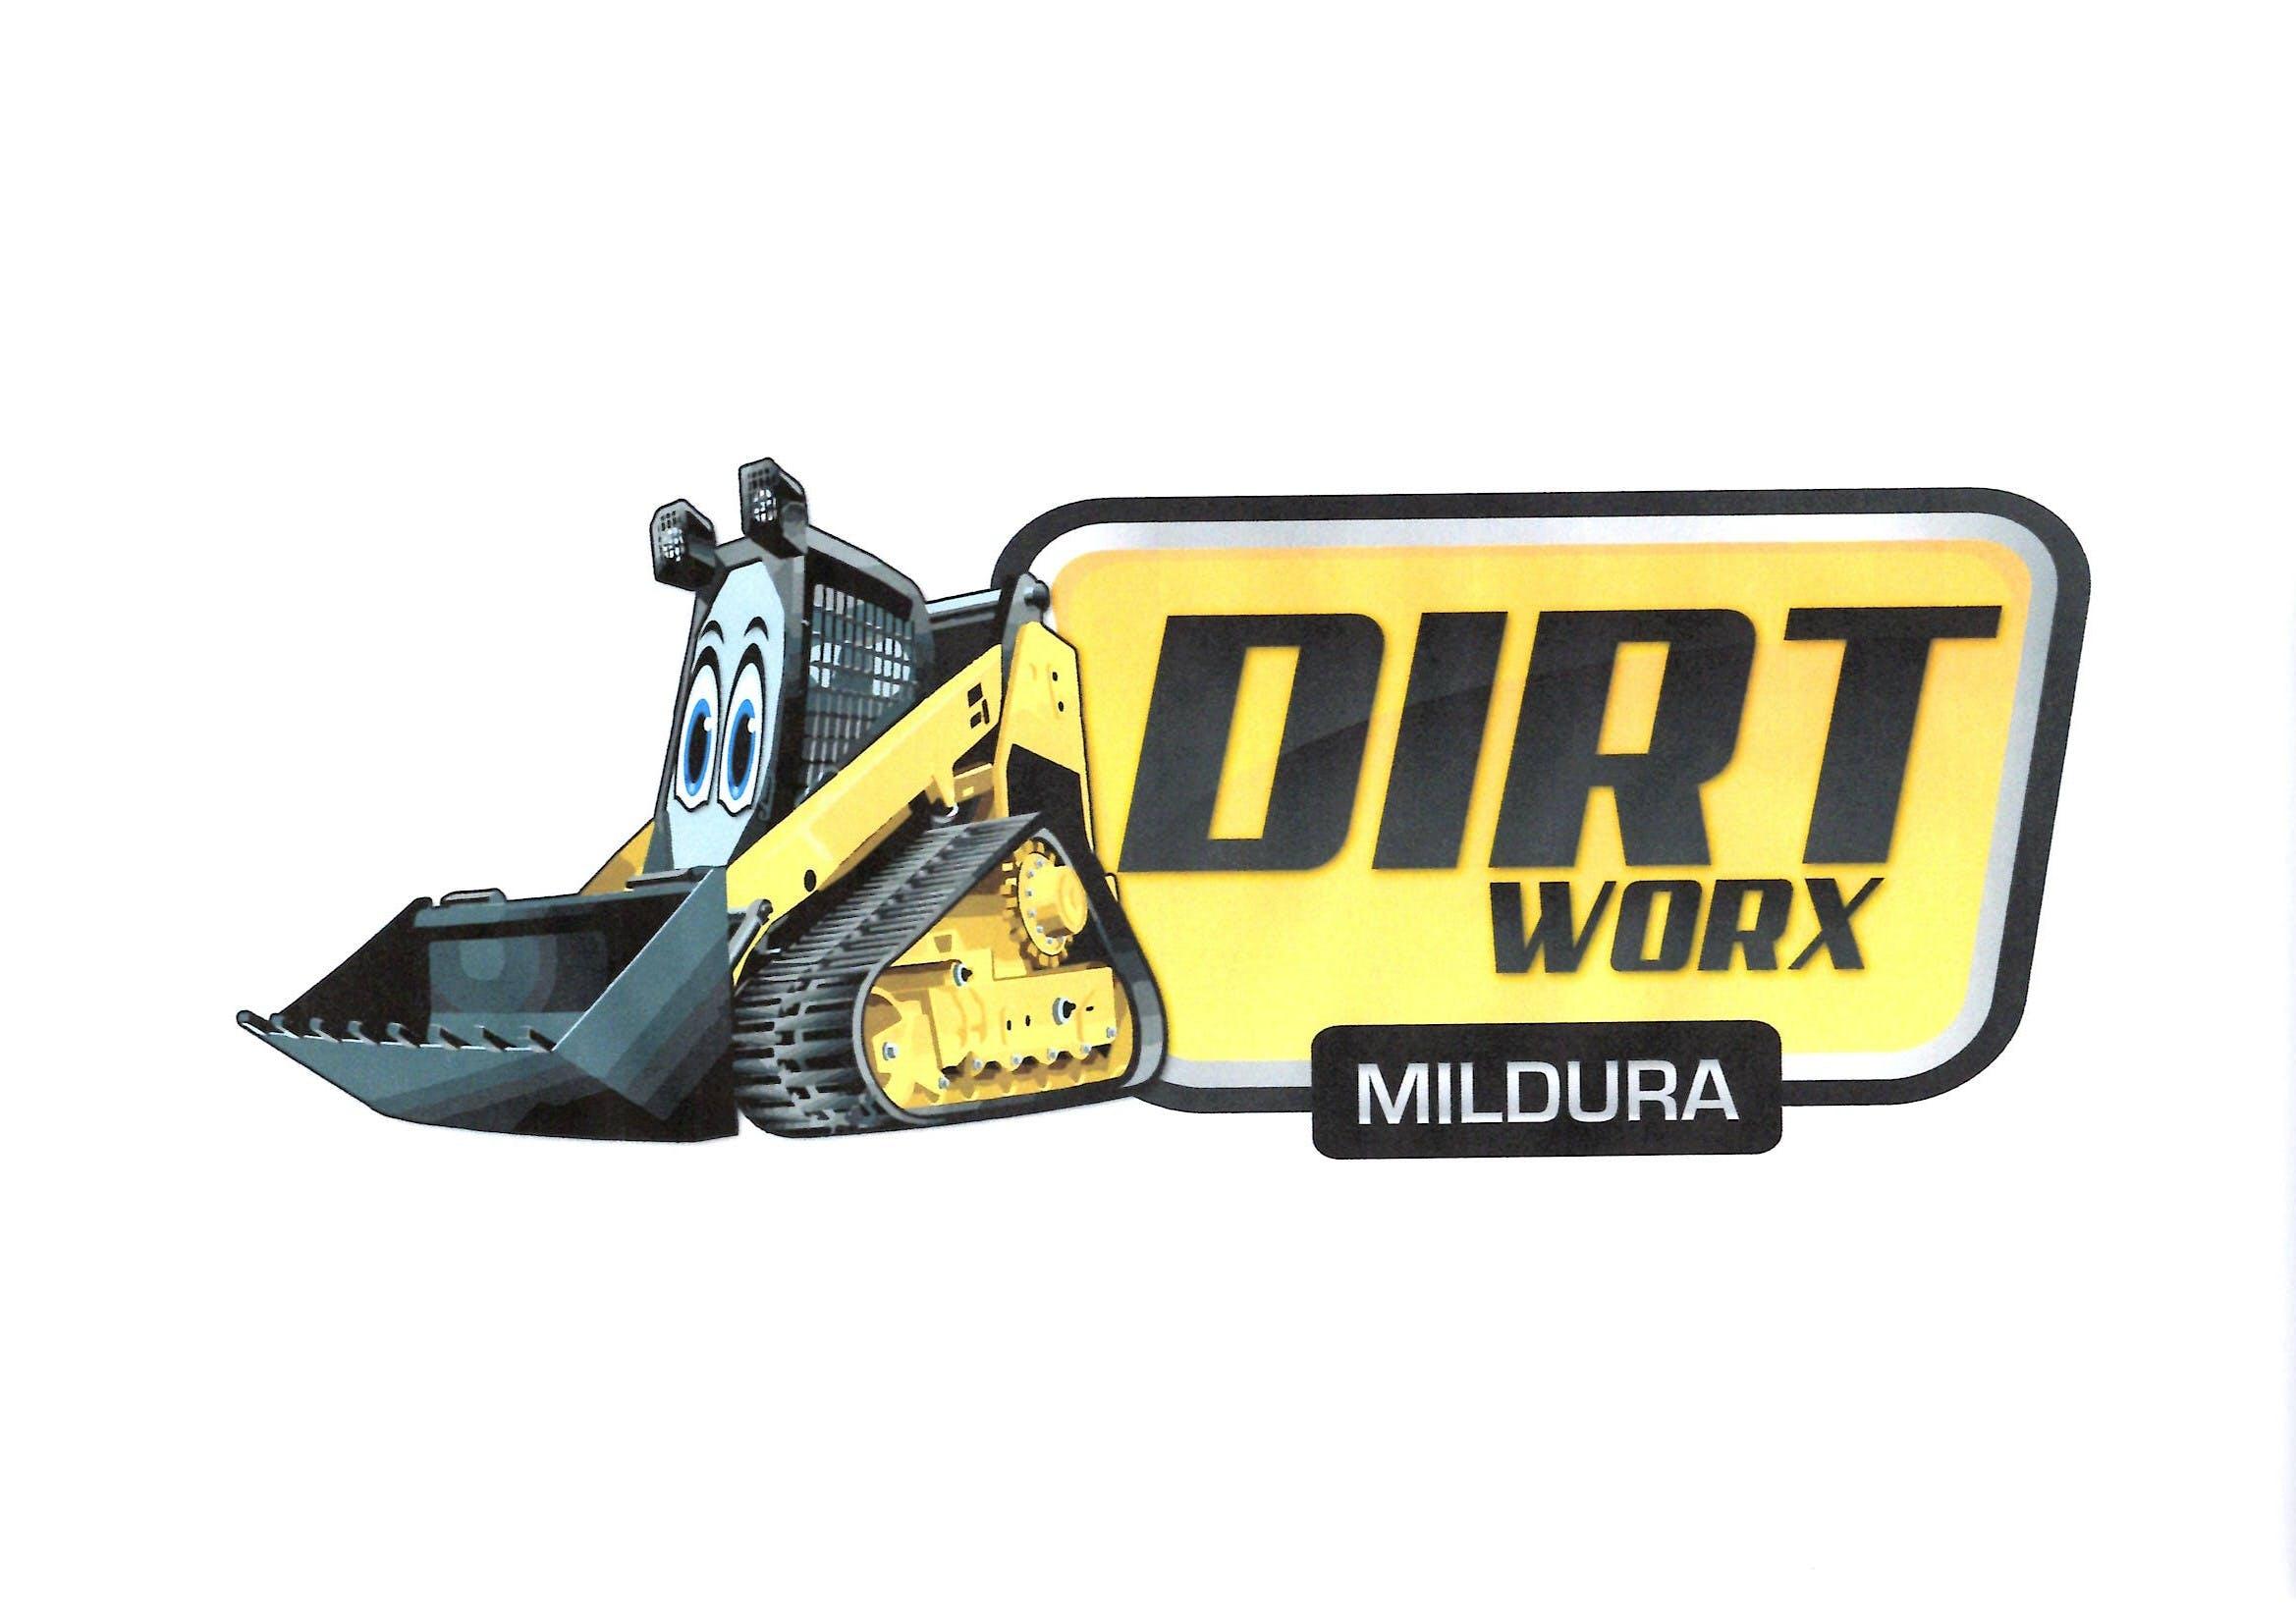 Dirtworx Mildura